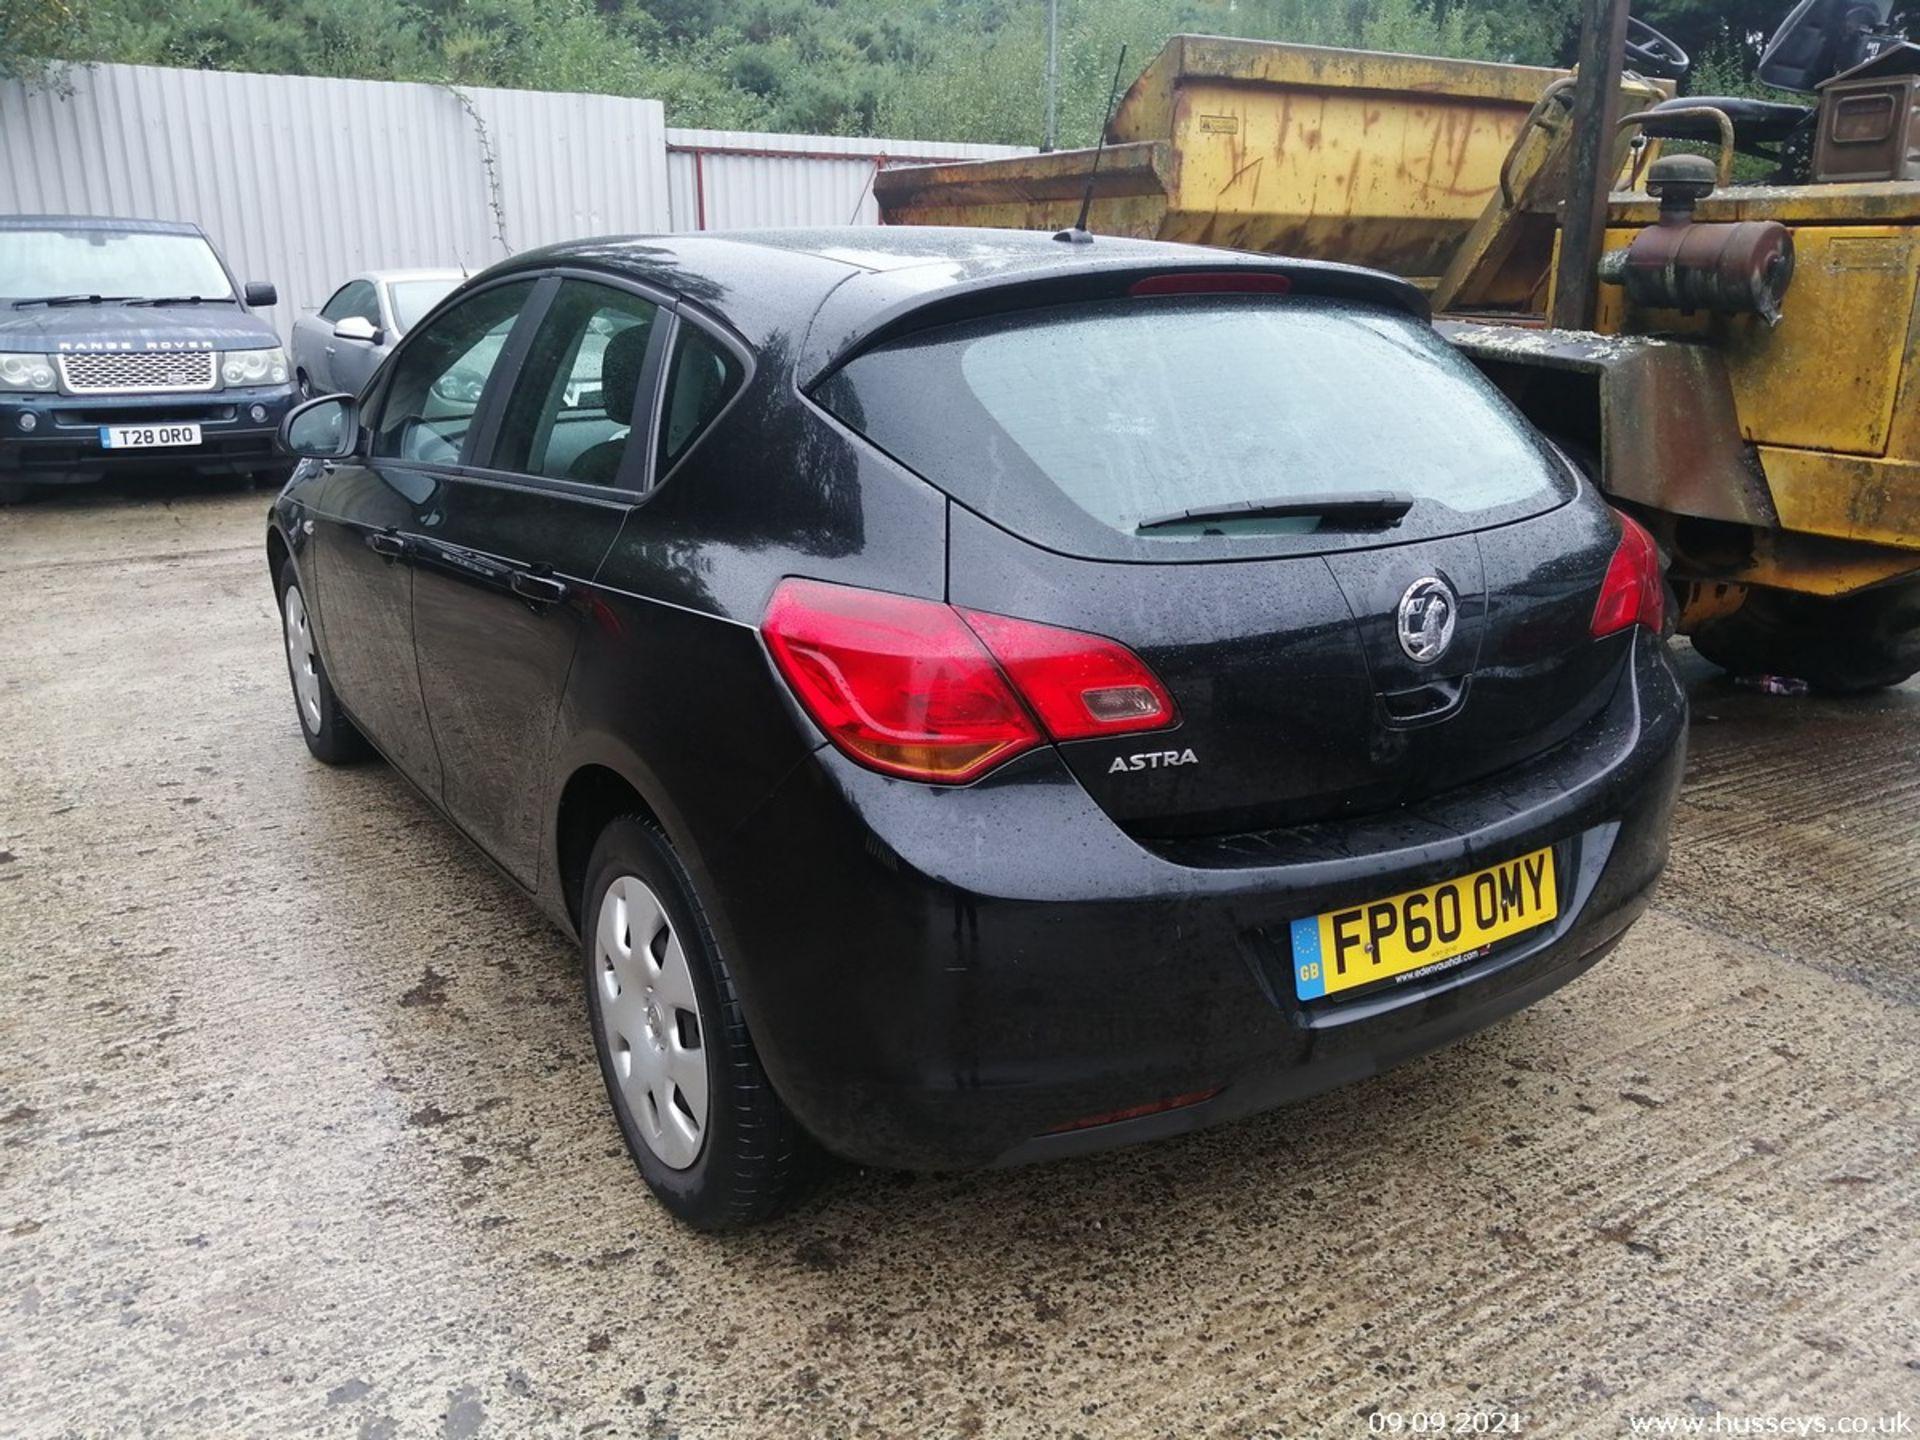 11/60 VAUXHALL ASTRA EXCLUSIV 98 - 1398cc 5dr Hatchback (Black, 124k) - Image 6 of 11